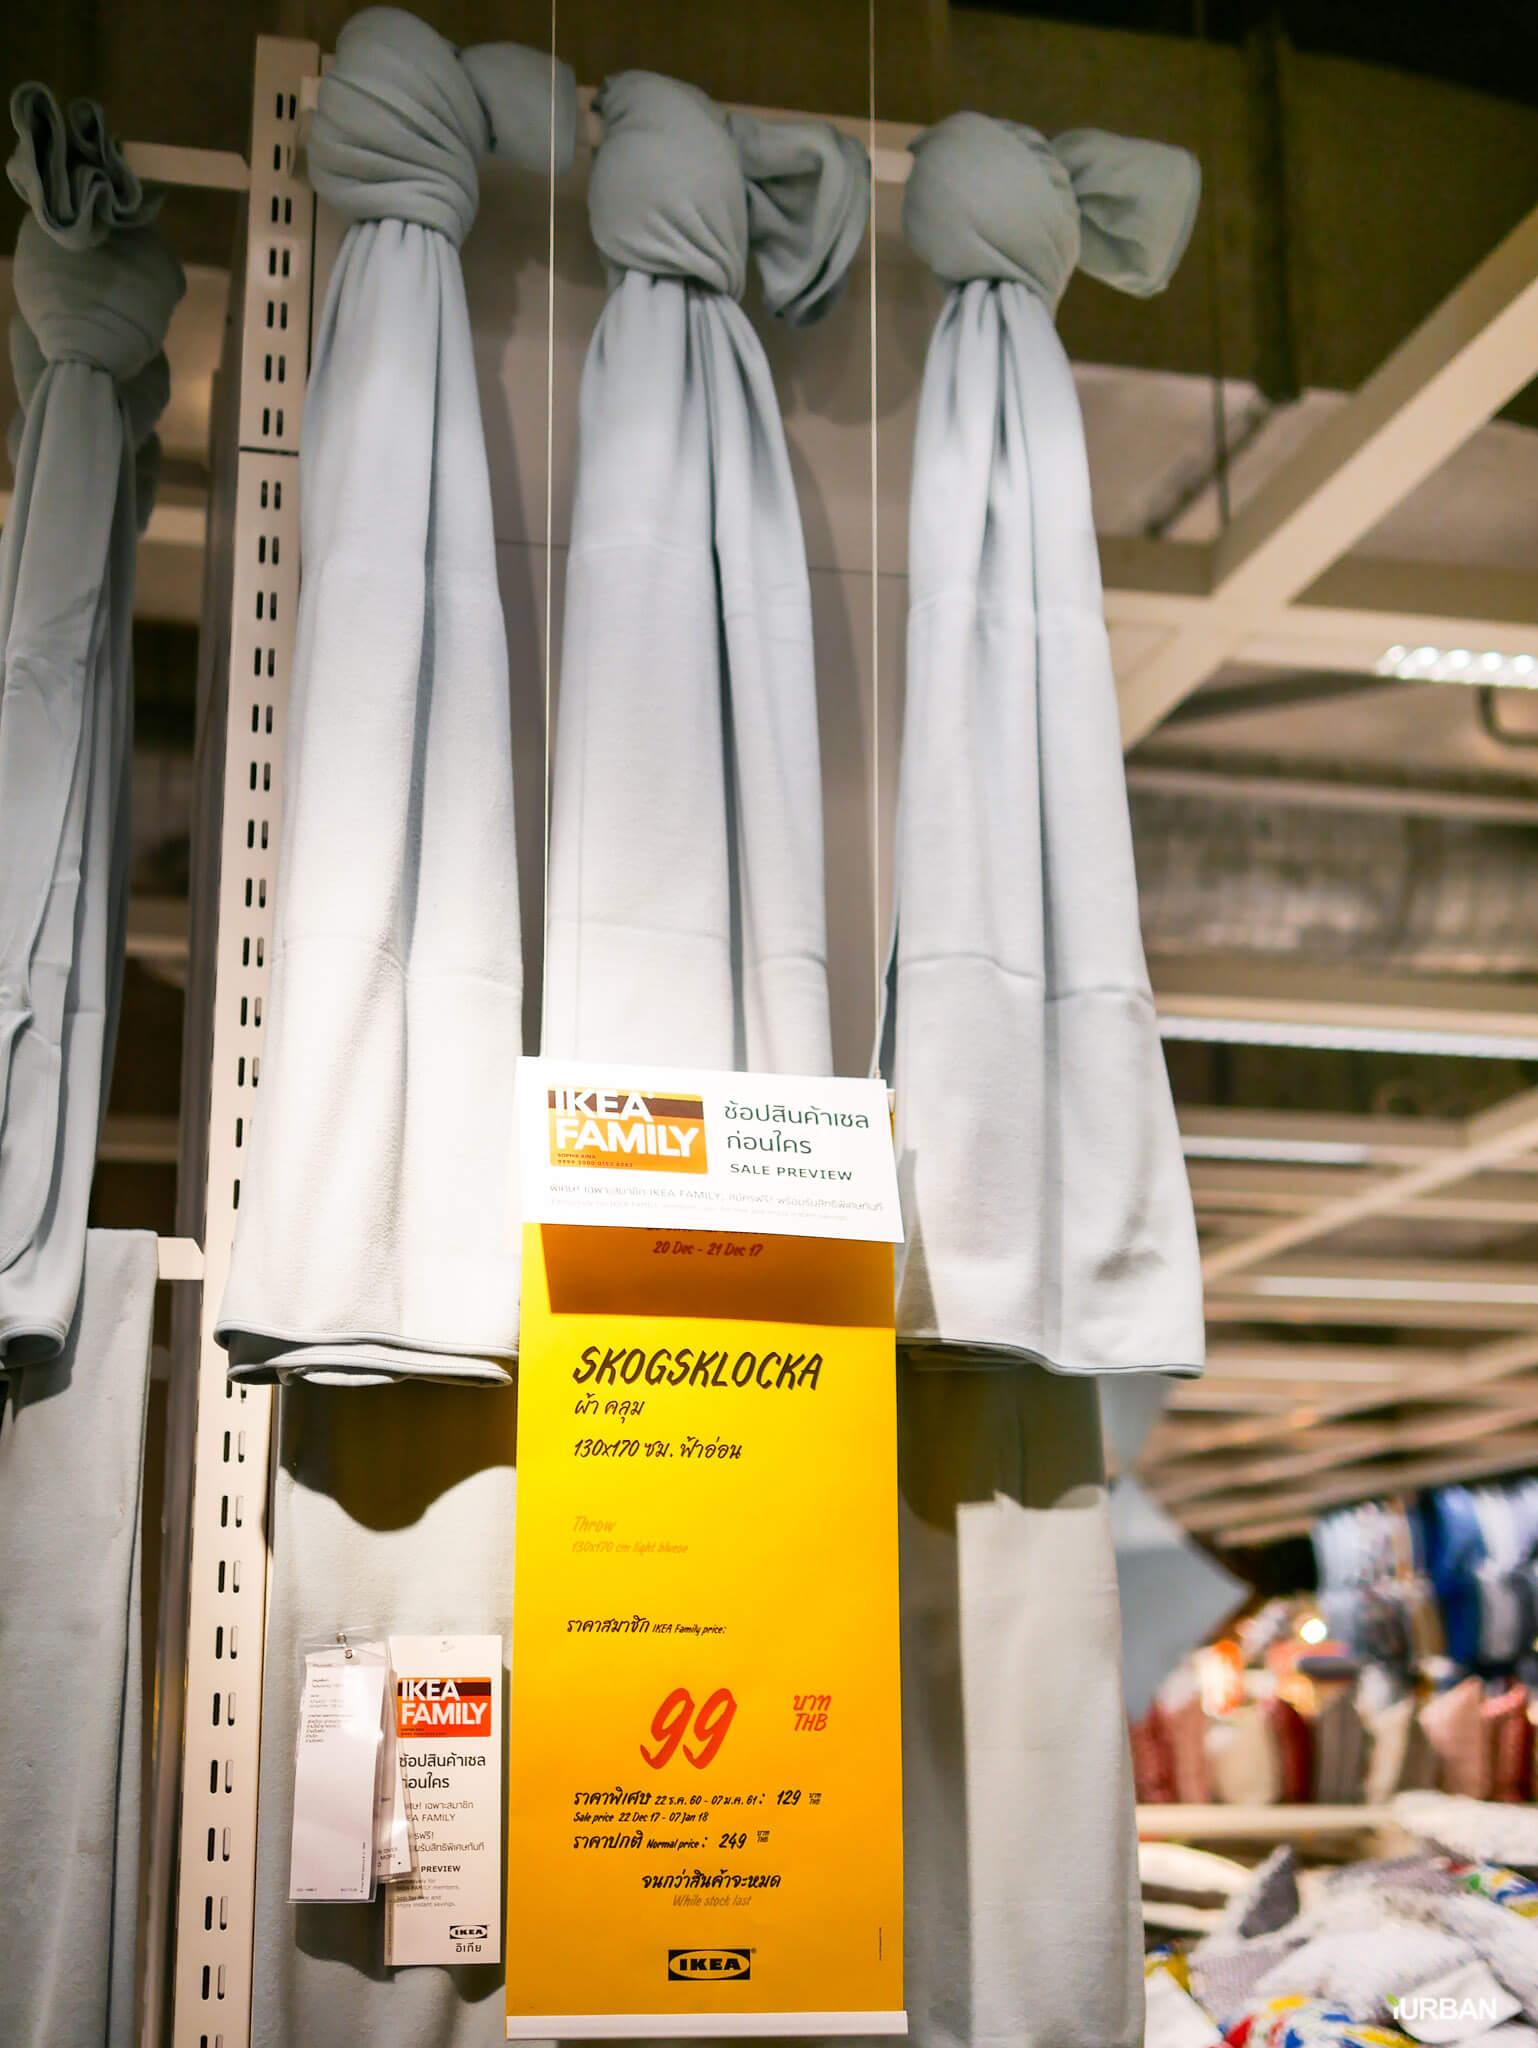 มันเยอะมากกกก!! IKEA Year End SALE 2017 รวมของเซลในอิเกีย ลดเยอะ ลดแหลก รีบพุ่งตัวไป วันนี้ - 7 มกราคม 61 127 - IKEA (อิเกีย)